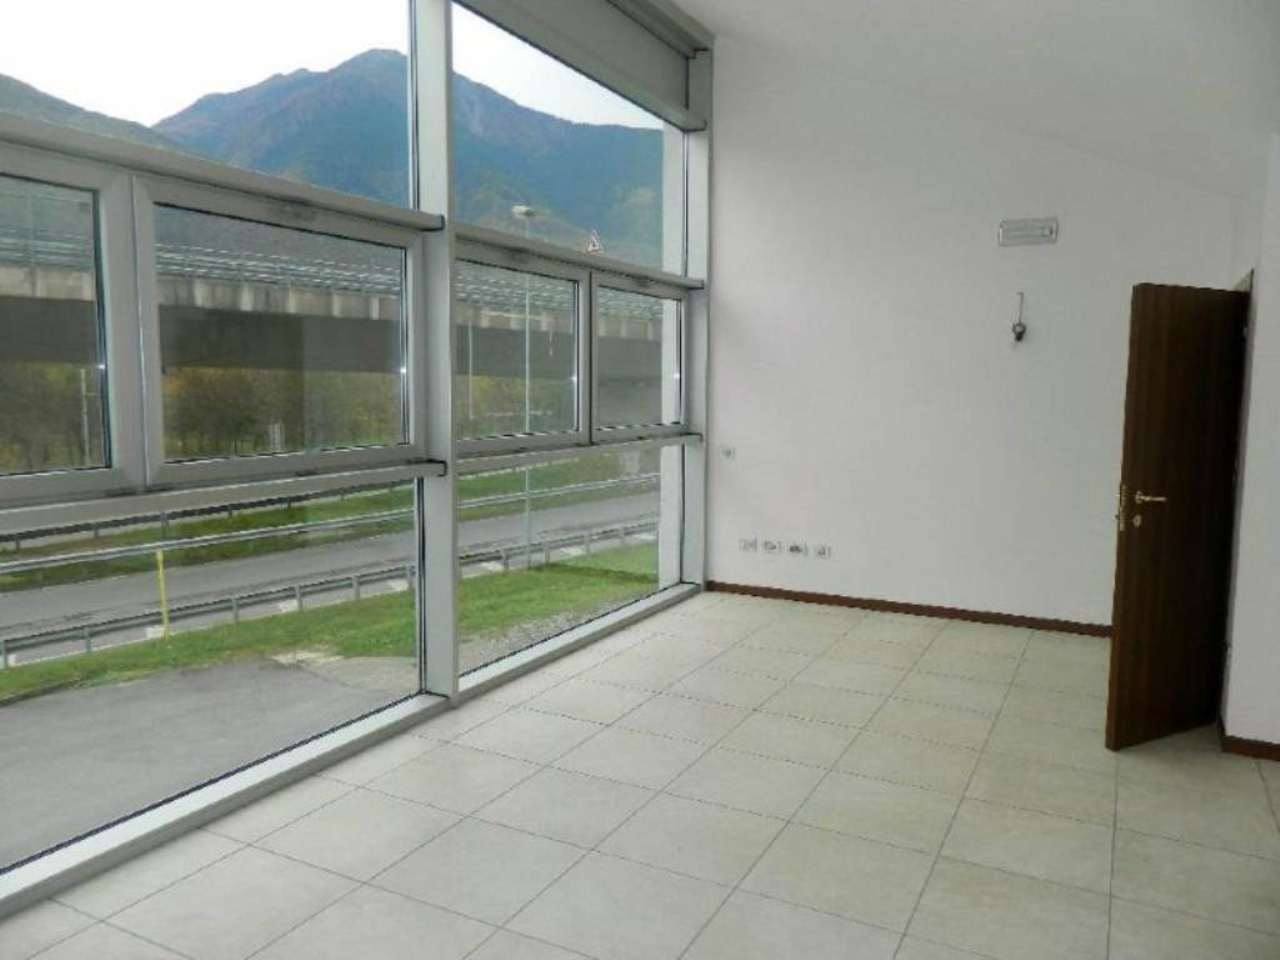 Ufficio / Studio in affitto a Sondrio, 2 locali, prezzo € 450 | CambioCasa.it